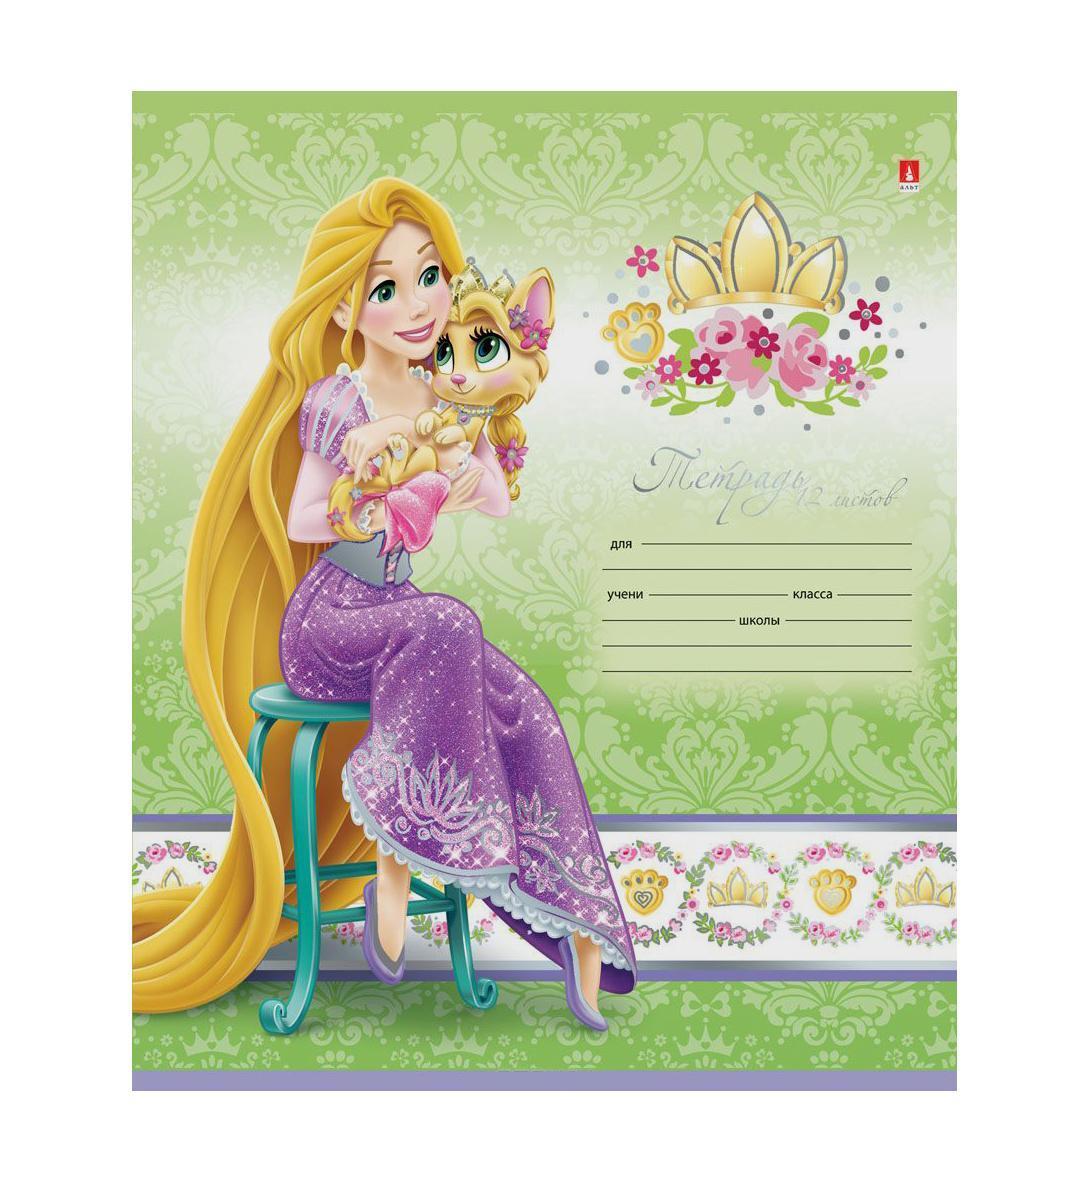 Набор тетрадей Альт Принцессы, 12 листов, 10 штSMA510-V8-ETНедорогие тетради Альт Принцессы, выполнены их бумаги и картона высшего качества. Плотная, белая, мелованная бумага (60 г/кв.м) используется в блоках этих тетрадей. Картон обложки имеет высокую плотность 115 г/кв.м.В набор тетрадей Принцессы входят 10 штук с пятью разными изображениями принцесс. Обложки формата А5 (165 х 203 мм) сделаны из качественной мелованной бумаги 115 г/кв м. В блоках по 12 листов в клетку с предварительно размеченными красными полями. Белая мелованная бумага 60 грамм подходит для записей любыми ручками. Принцессы – неизменные спутницы счастливого, беззаботного детства, с которым младшие школьницы еще не спешат прощаться в начальных классах.